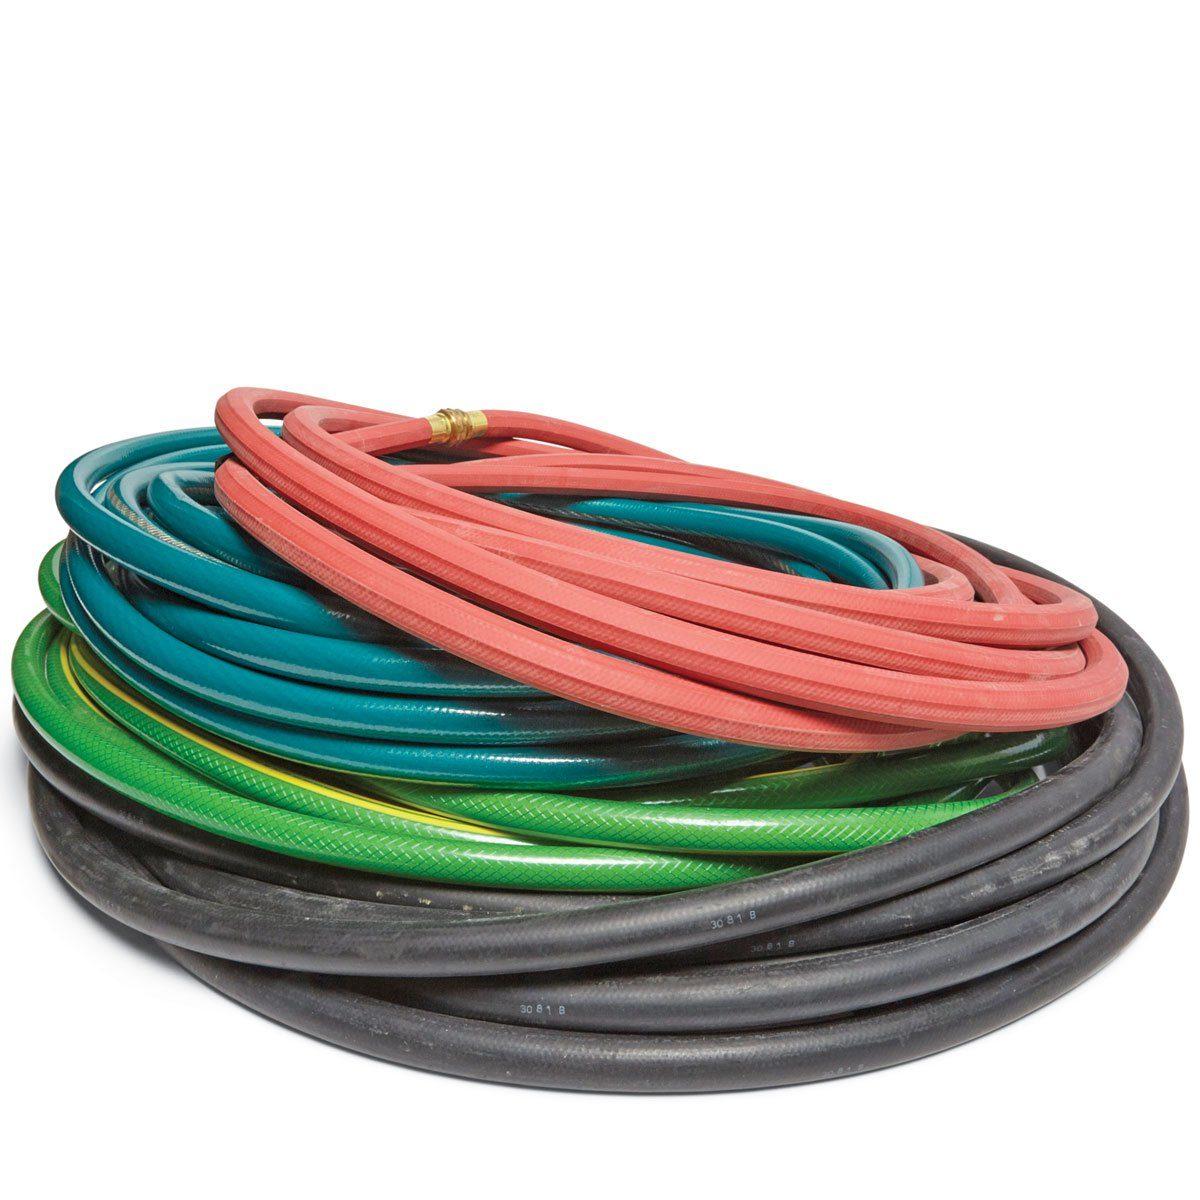 FH16FEB_565_53_014-water-hose-1200x1200